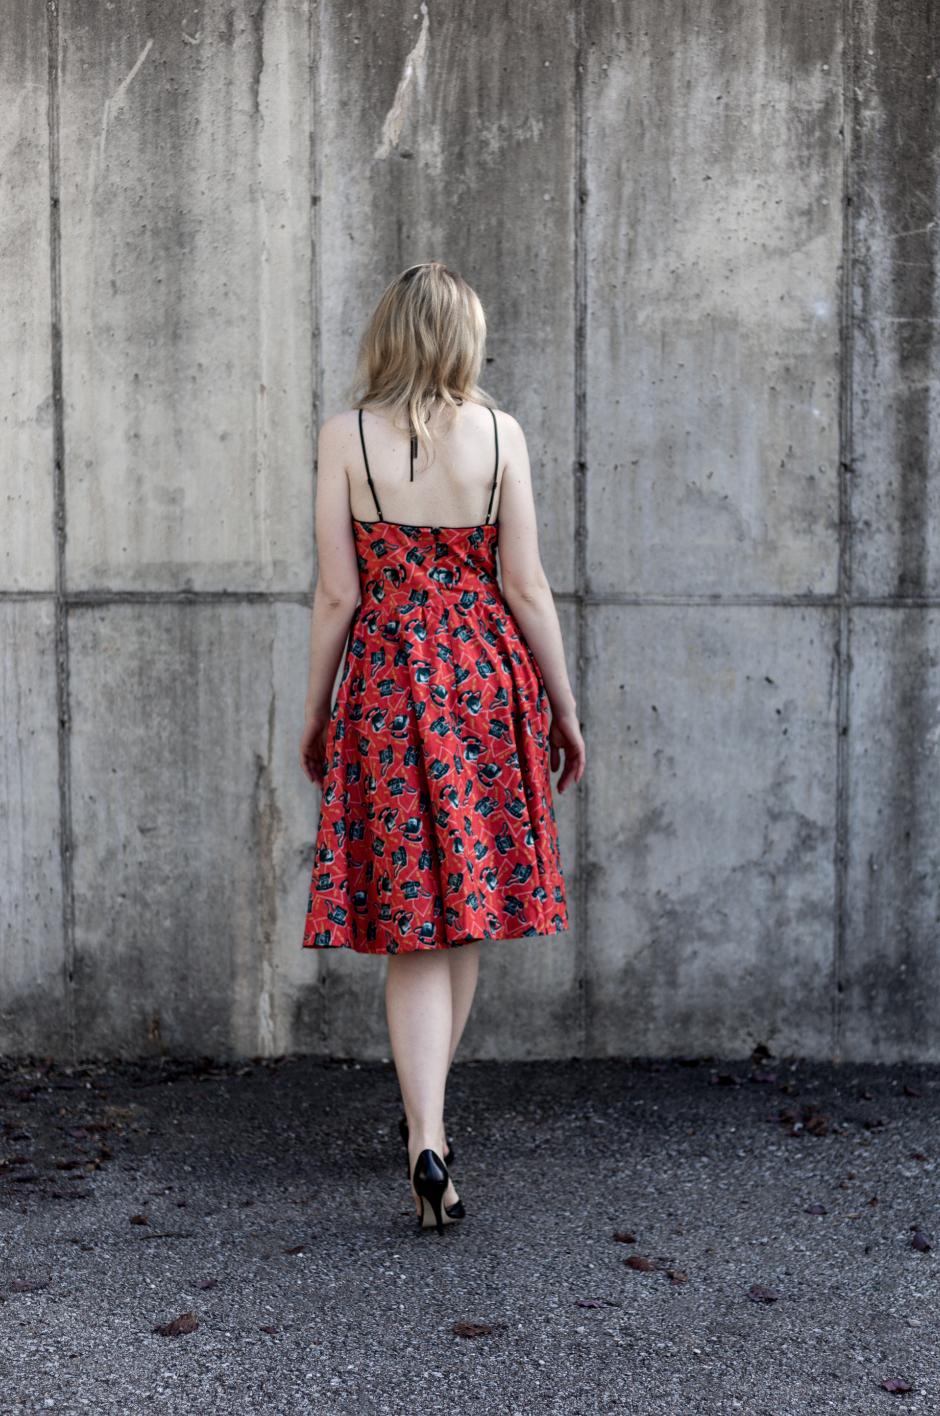 My Vintage Look, Call Me Print Vintage Dress, Fit + Flatter1.png